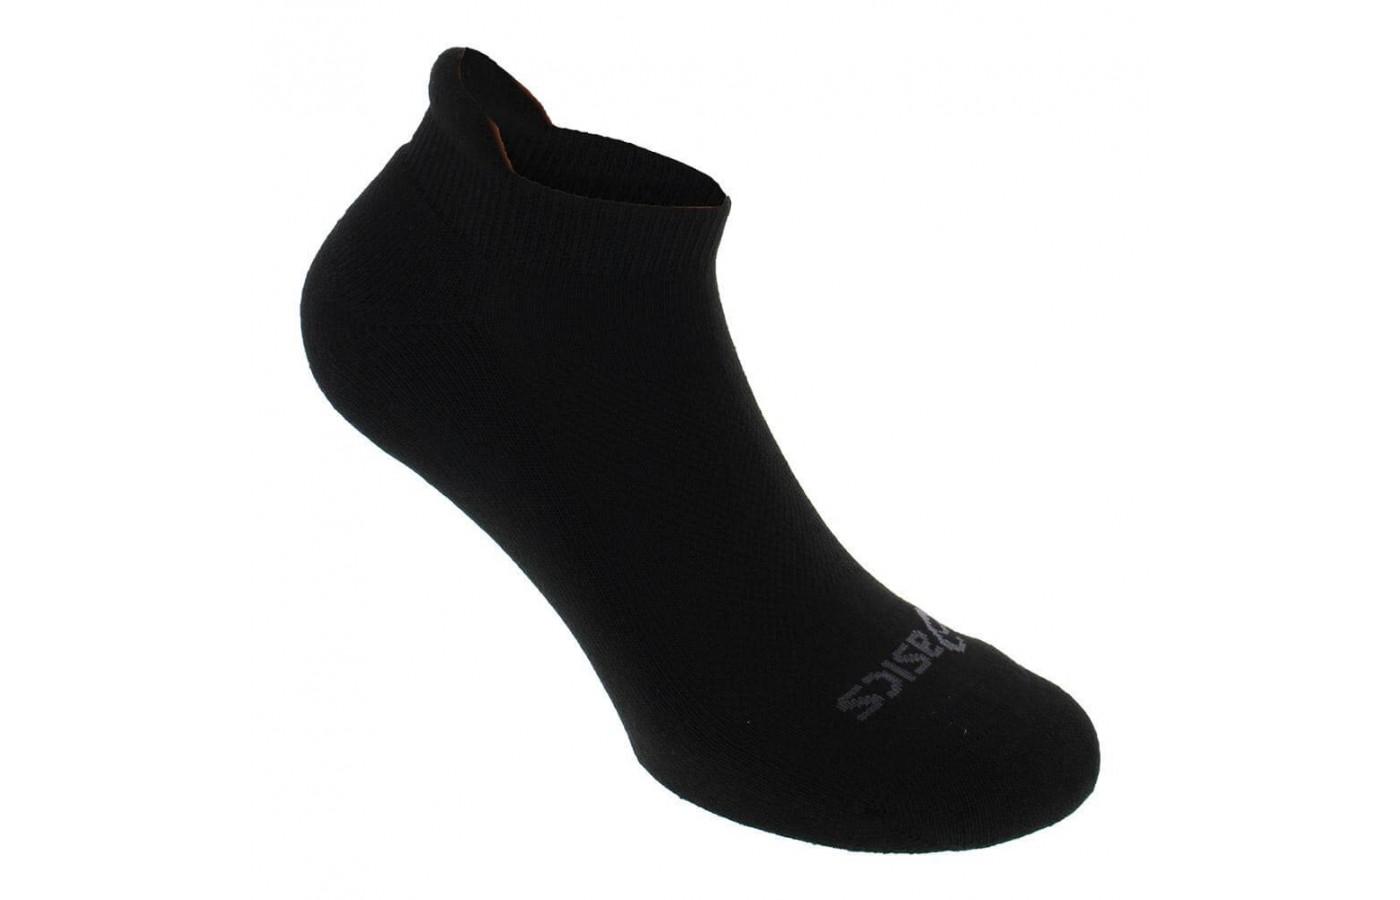 Asics Cushion Low Cut Sock Angled View